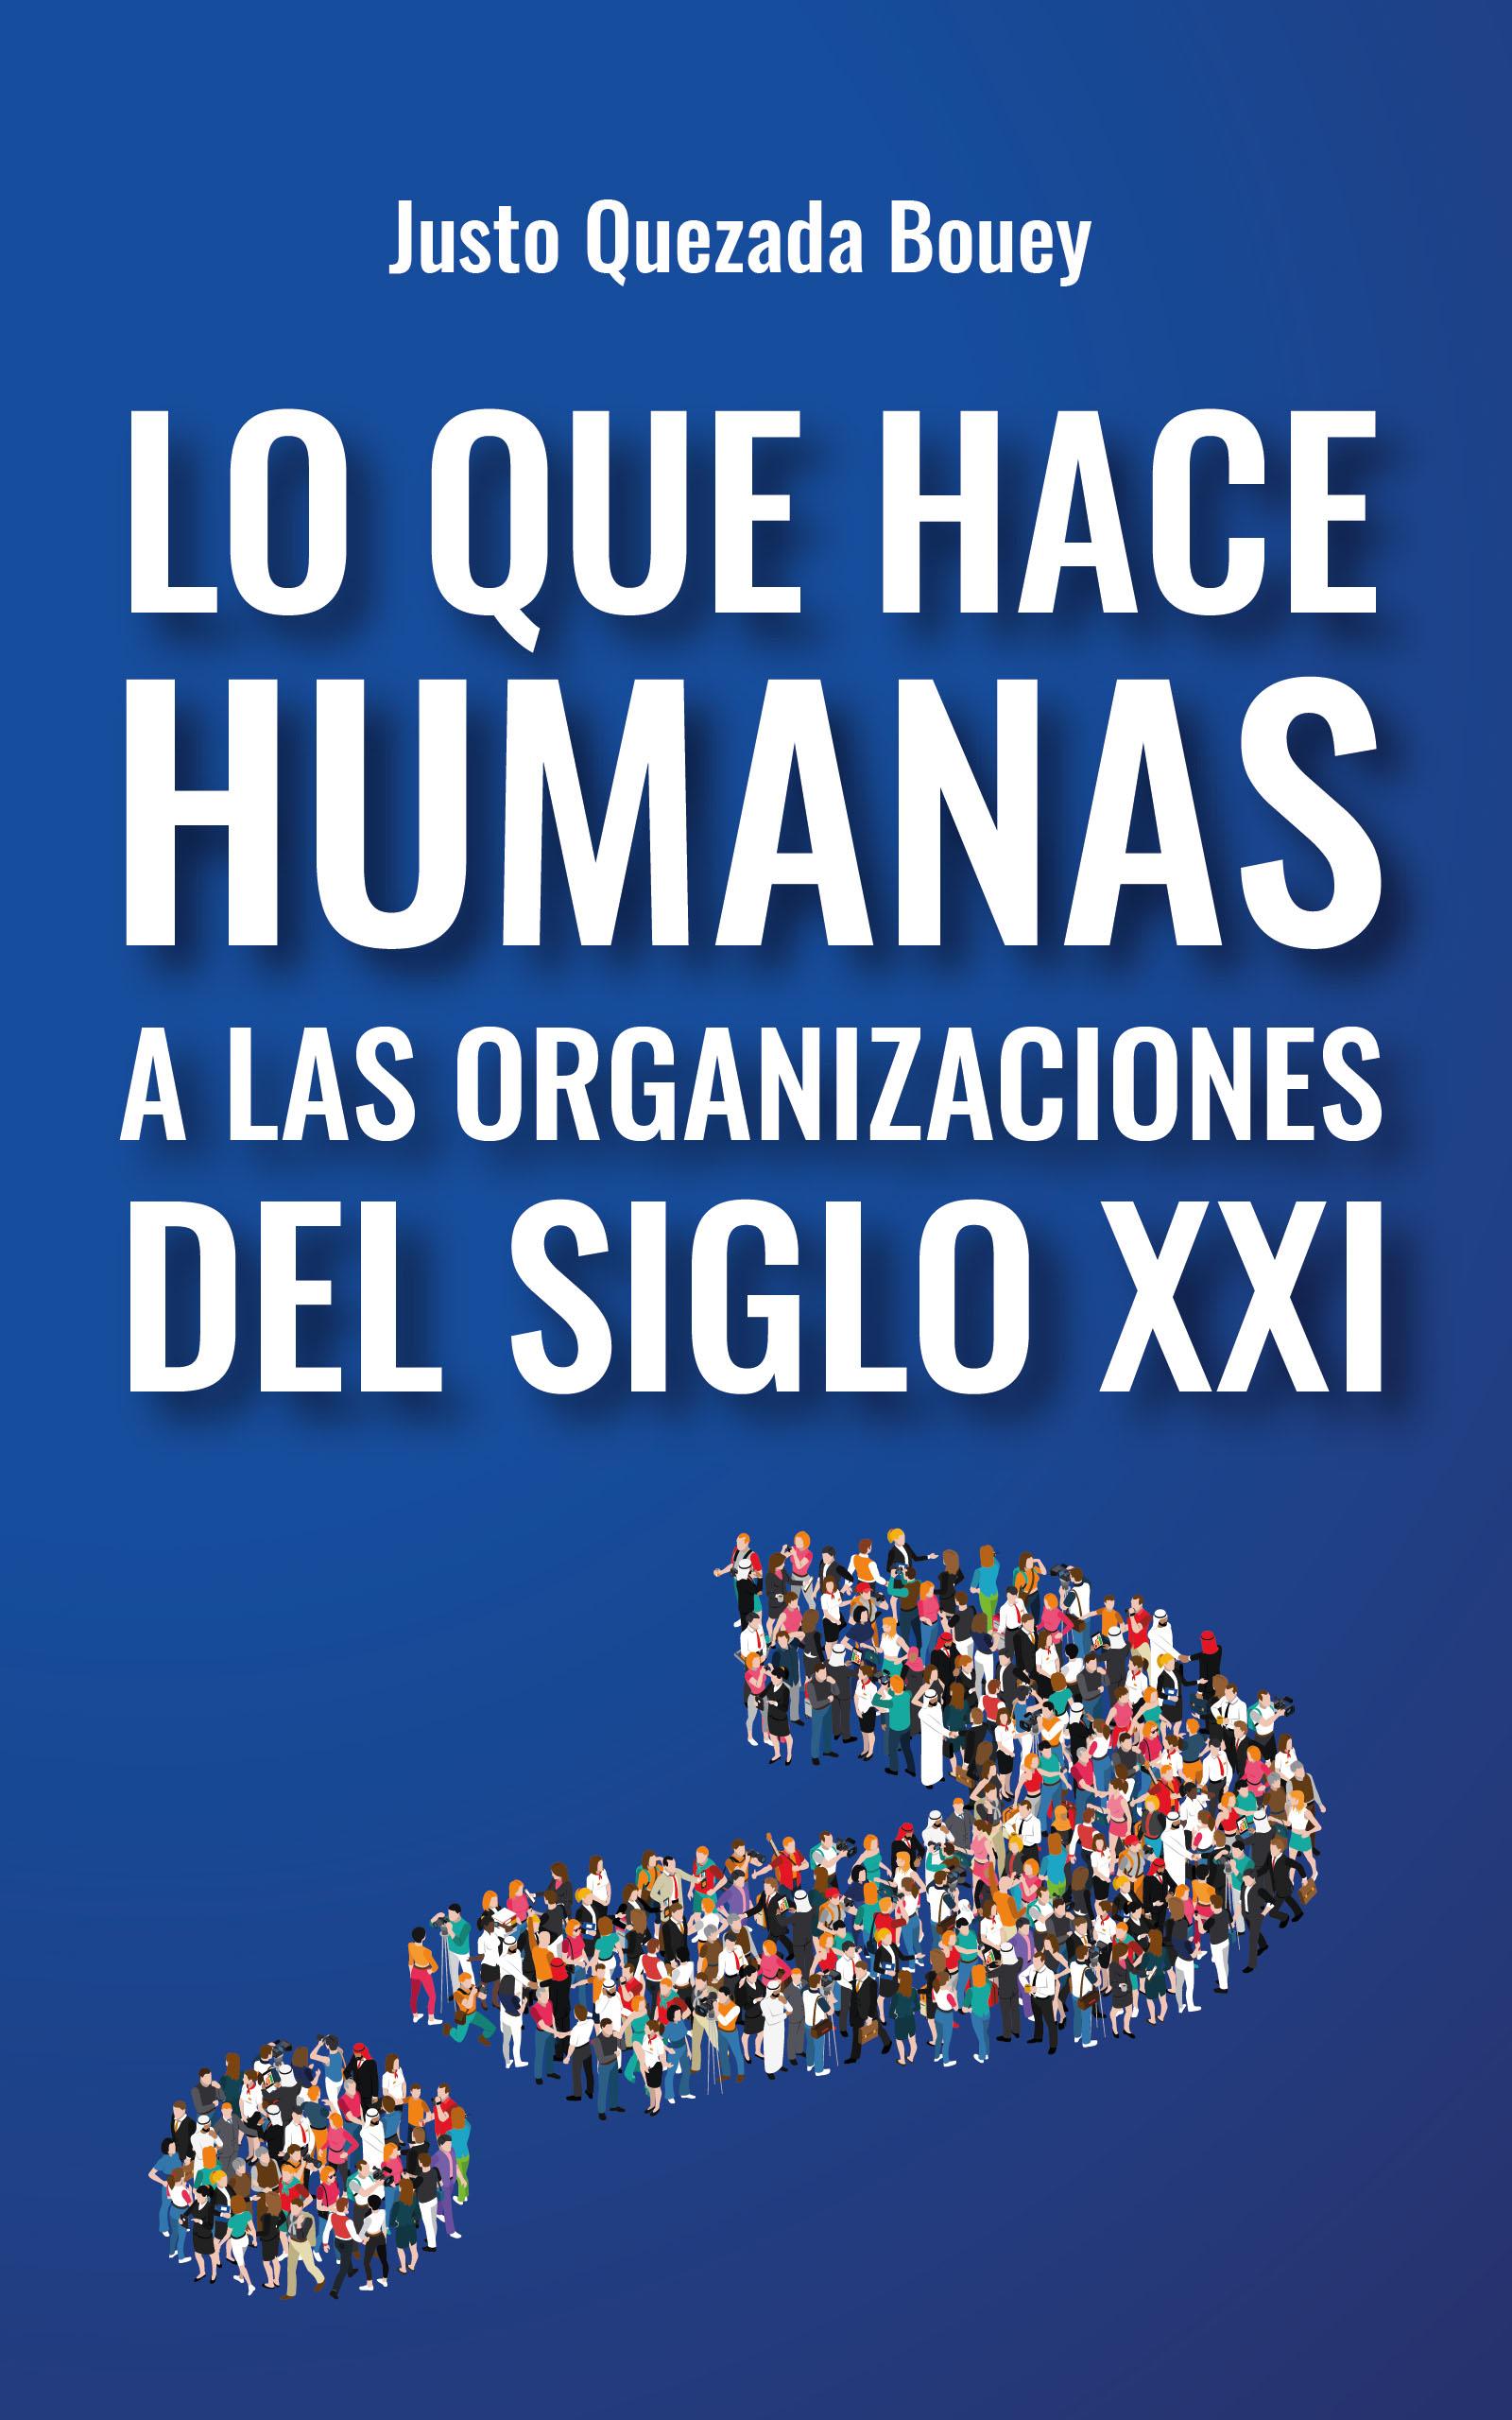 Lo que hace humanas a las organizaciones del siglo XXI, de Justo Quezada